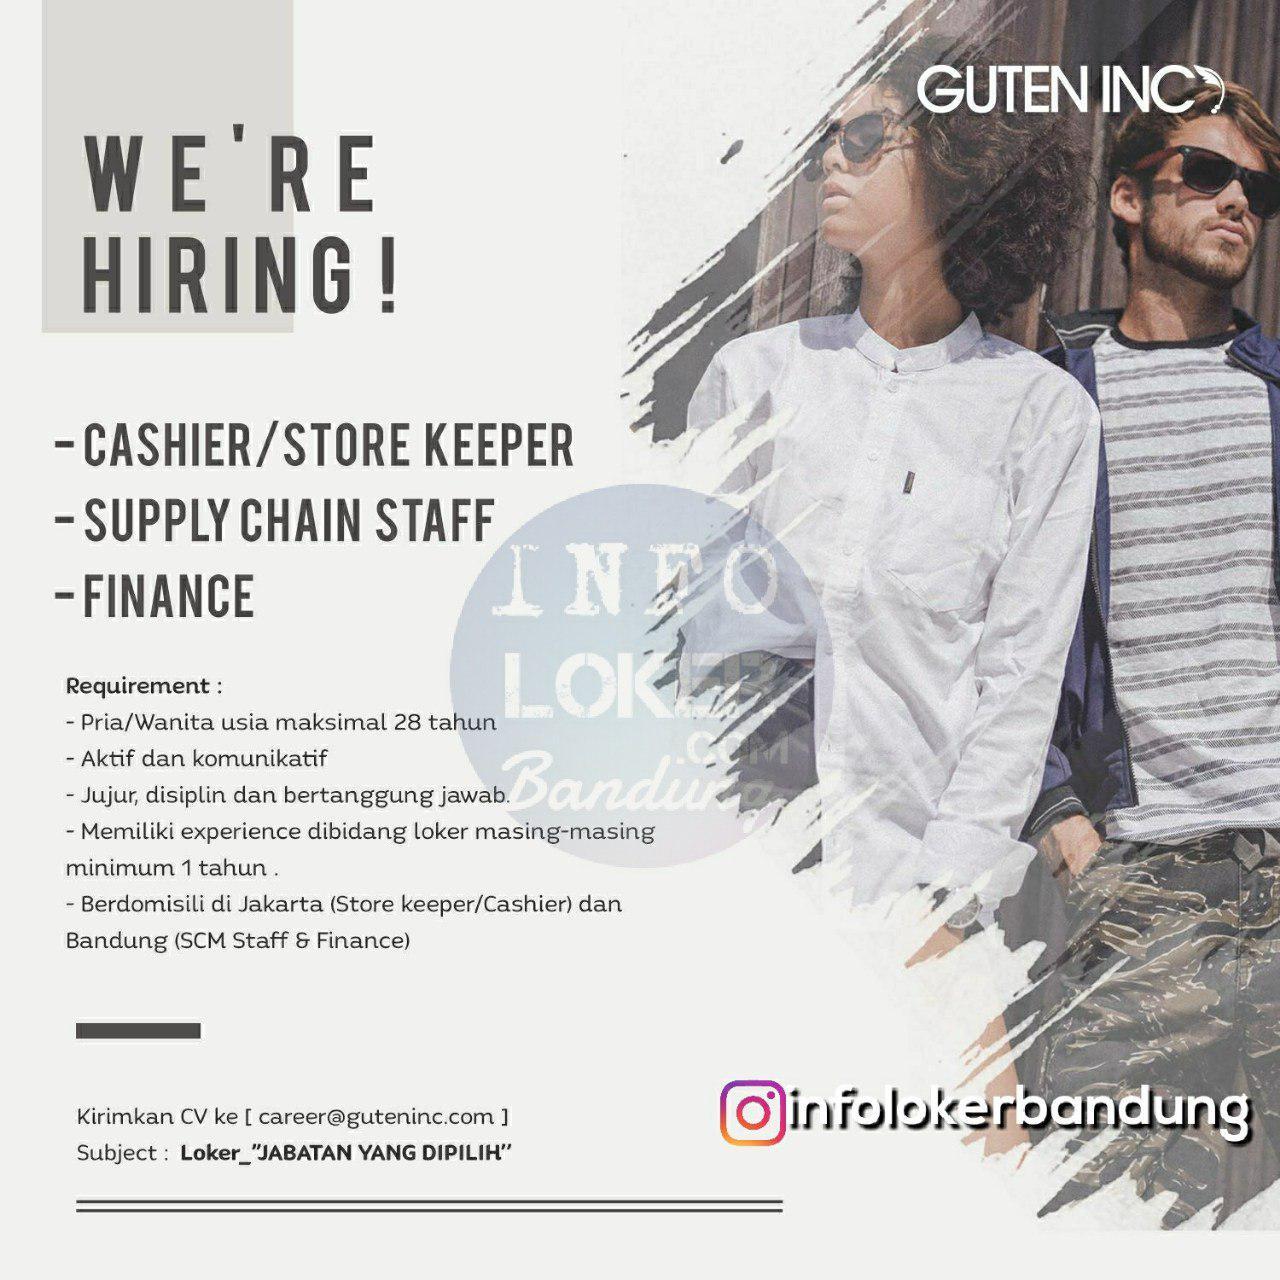 Lowongan Kerja Guten Inc Bandung Juli 2018